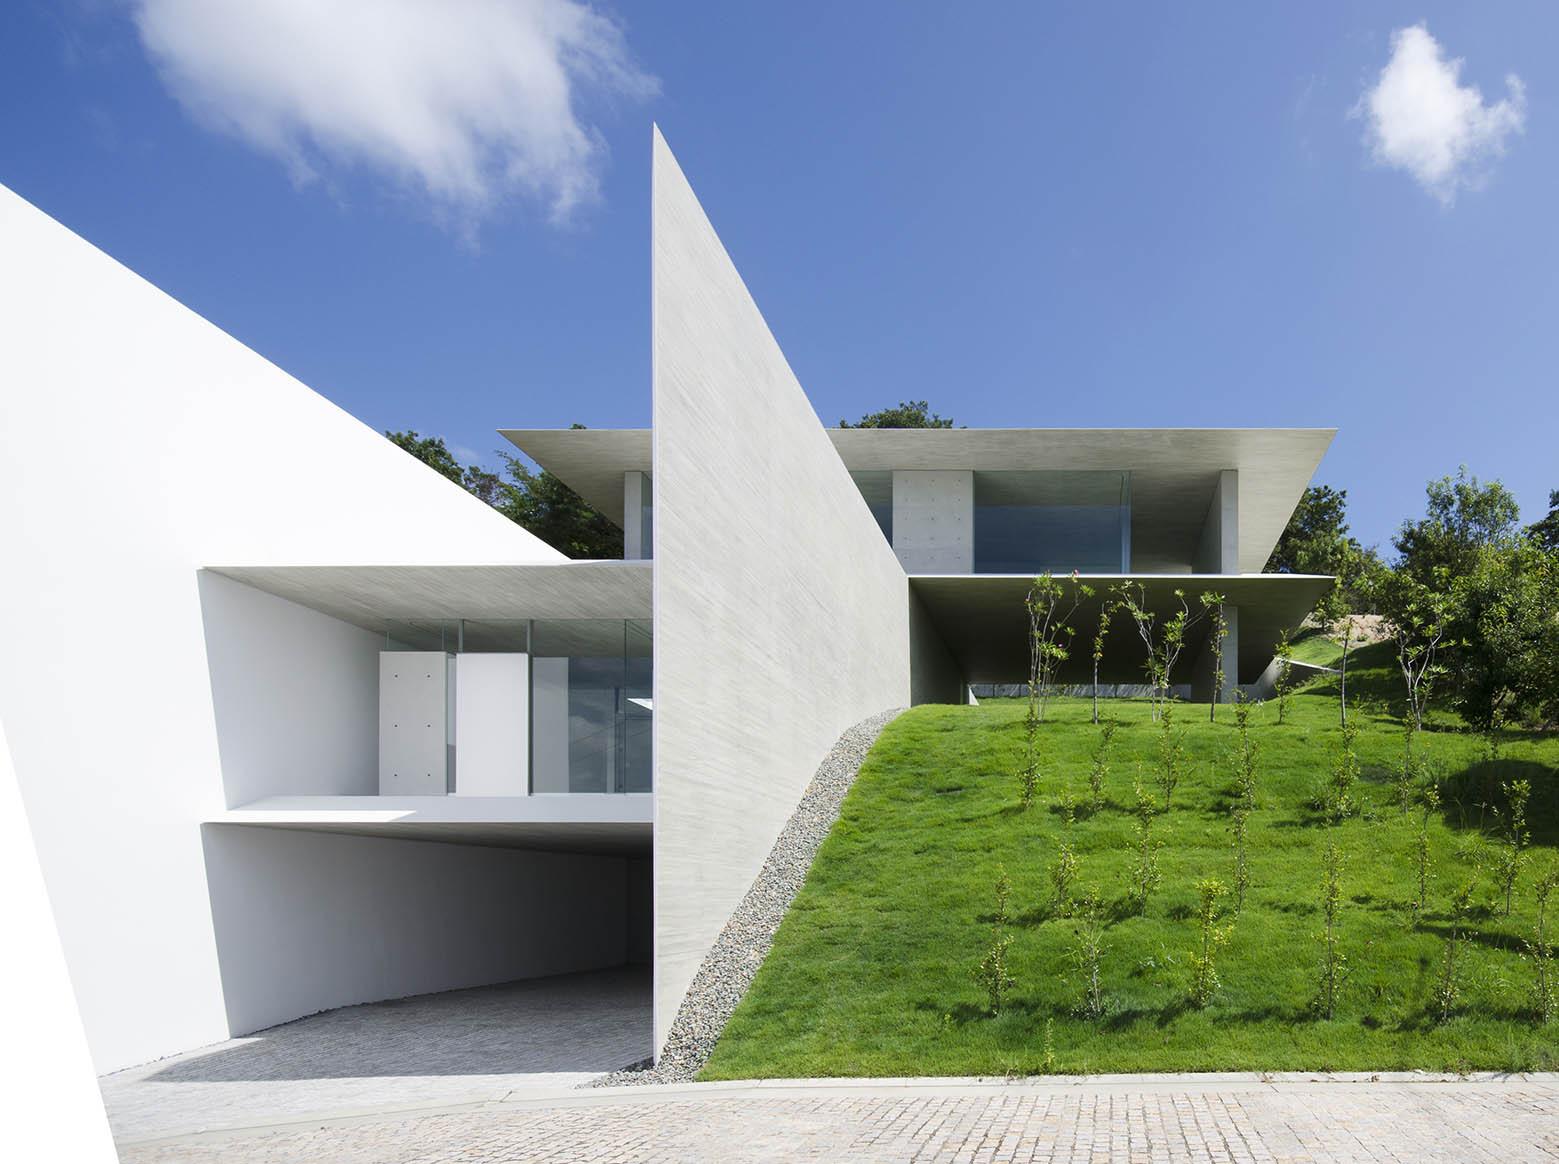 Architect: YA House / Kubota Architect Atelier